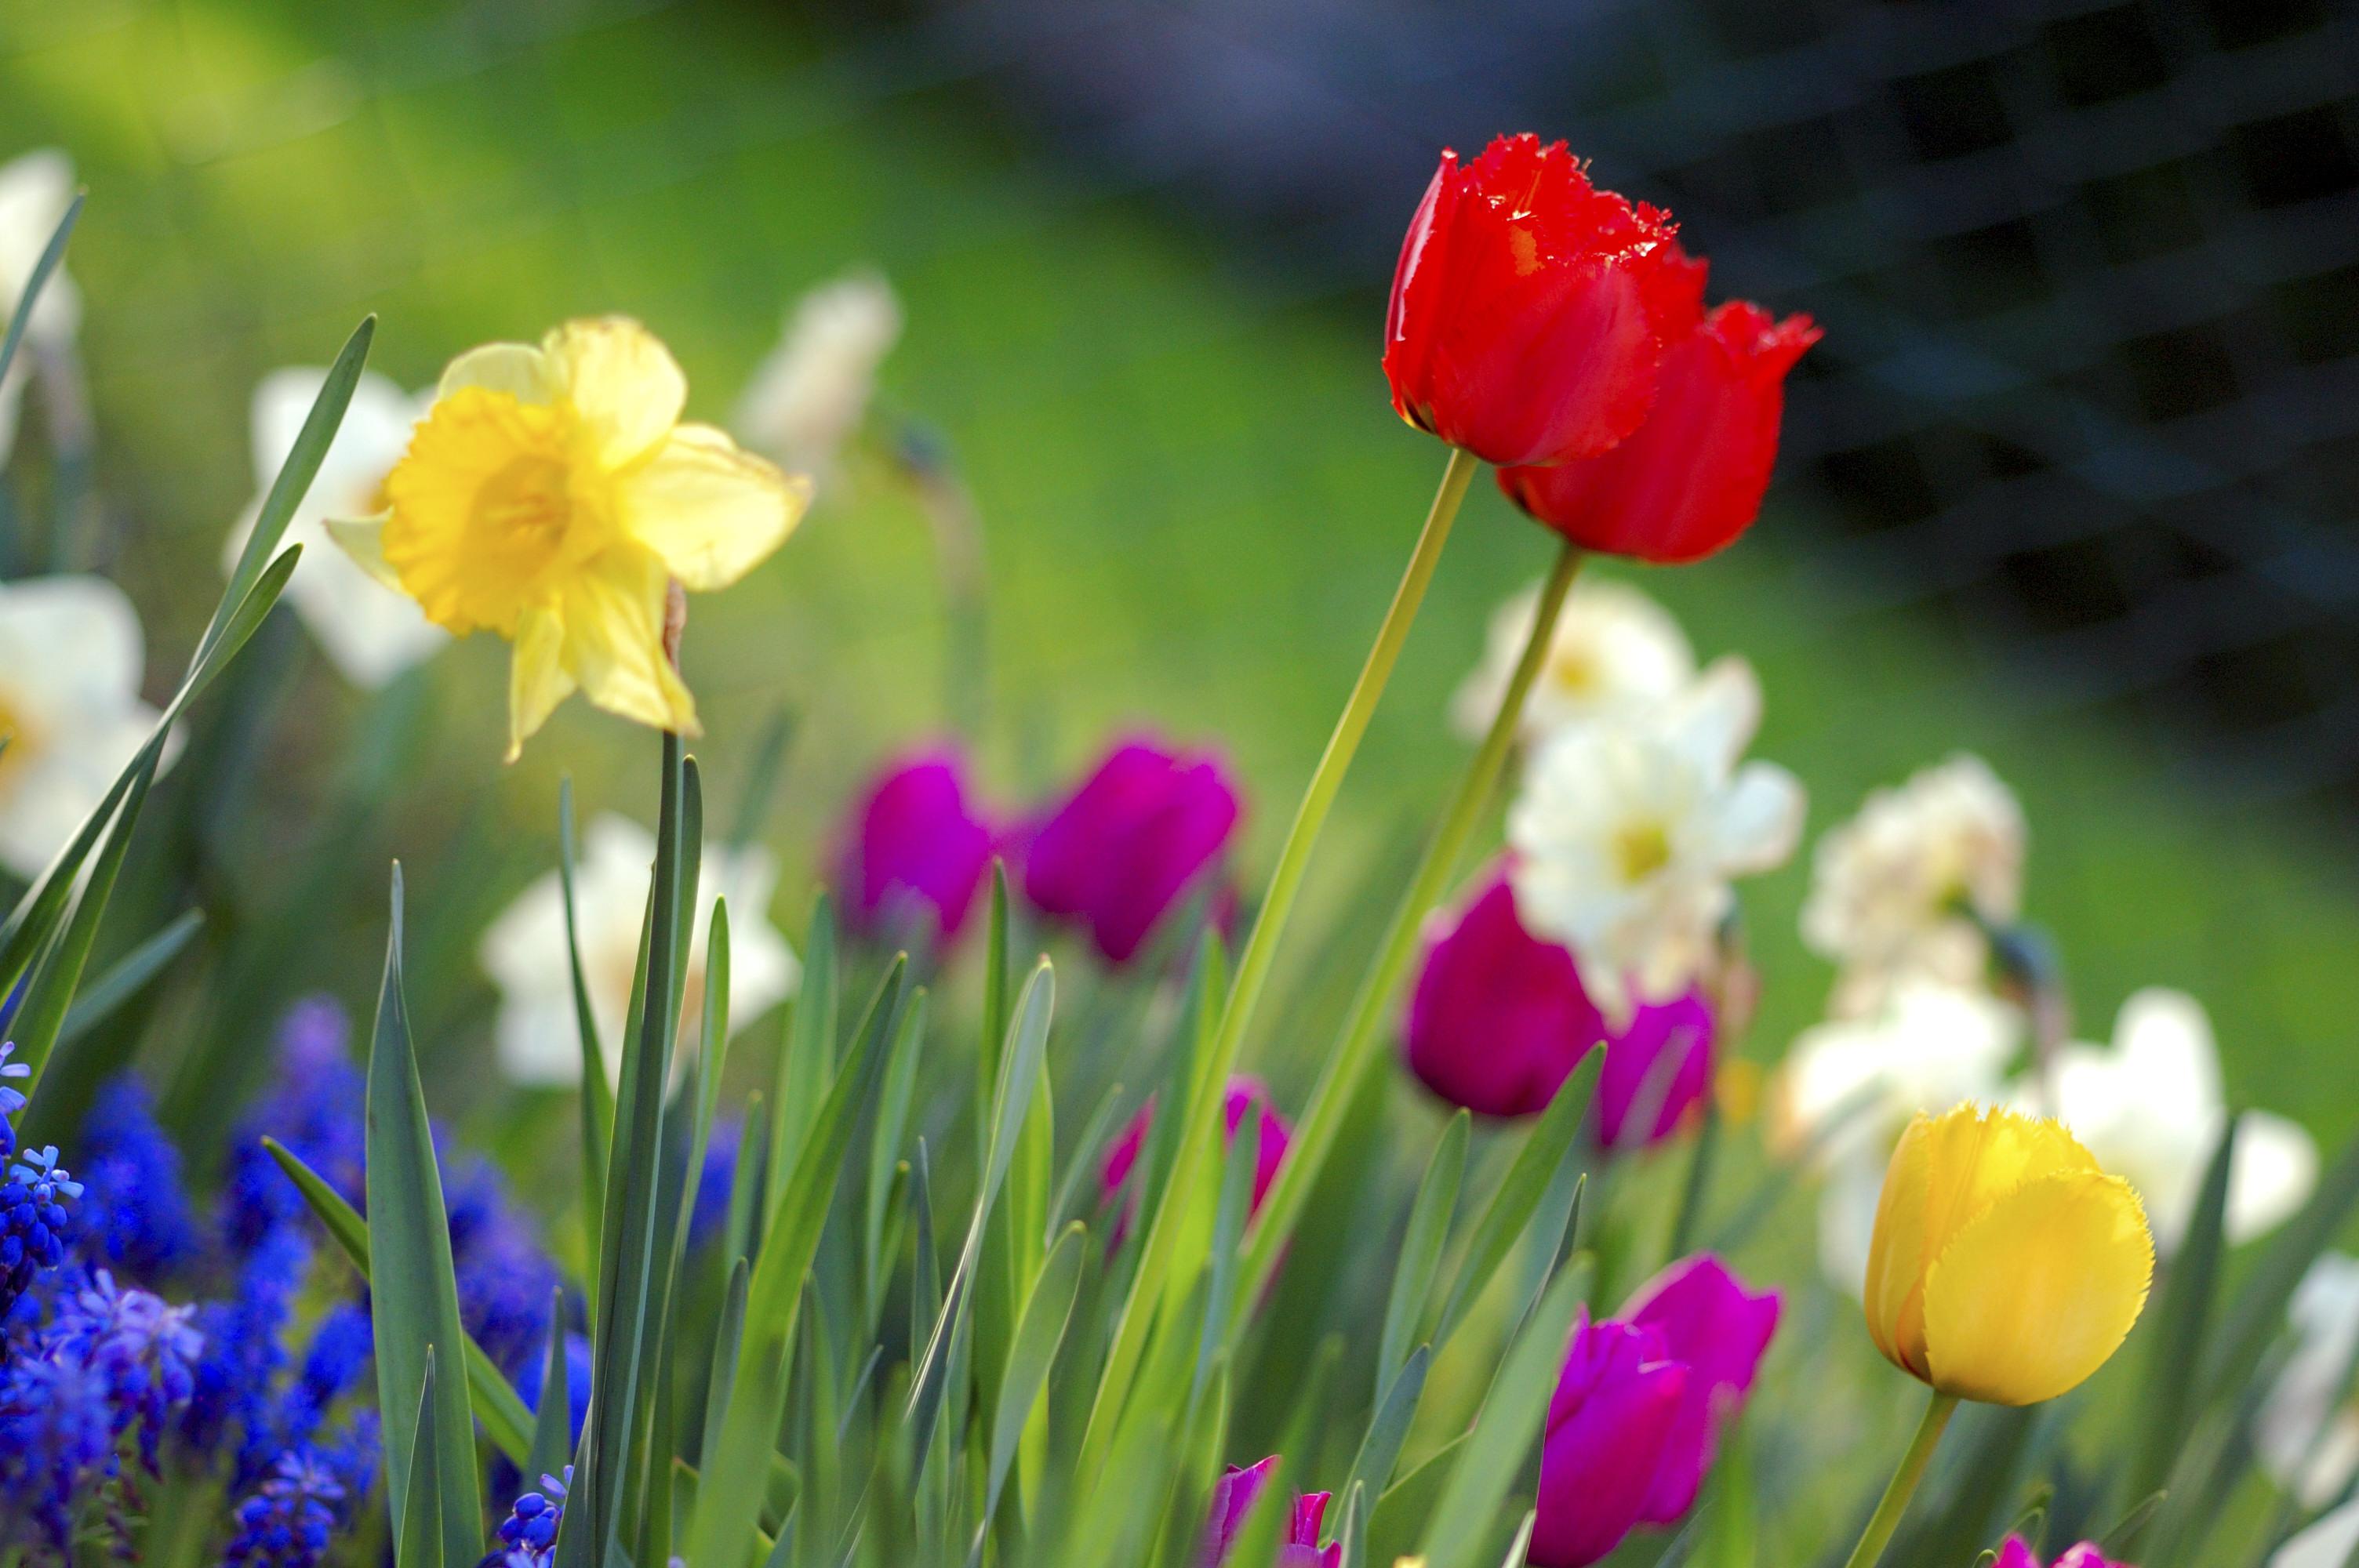 Colorful_spring_garden.jpg